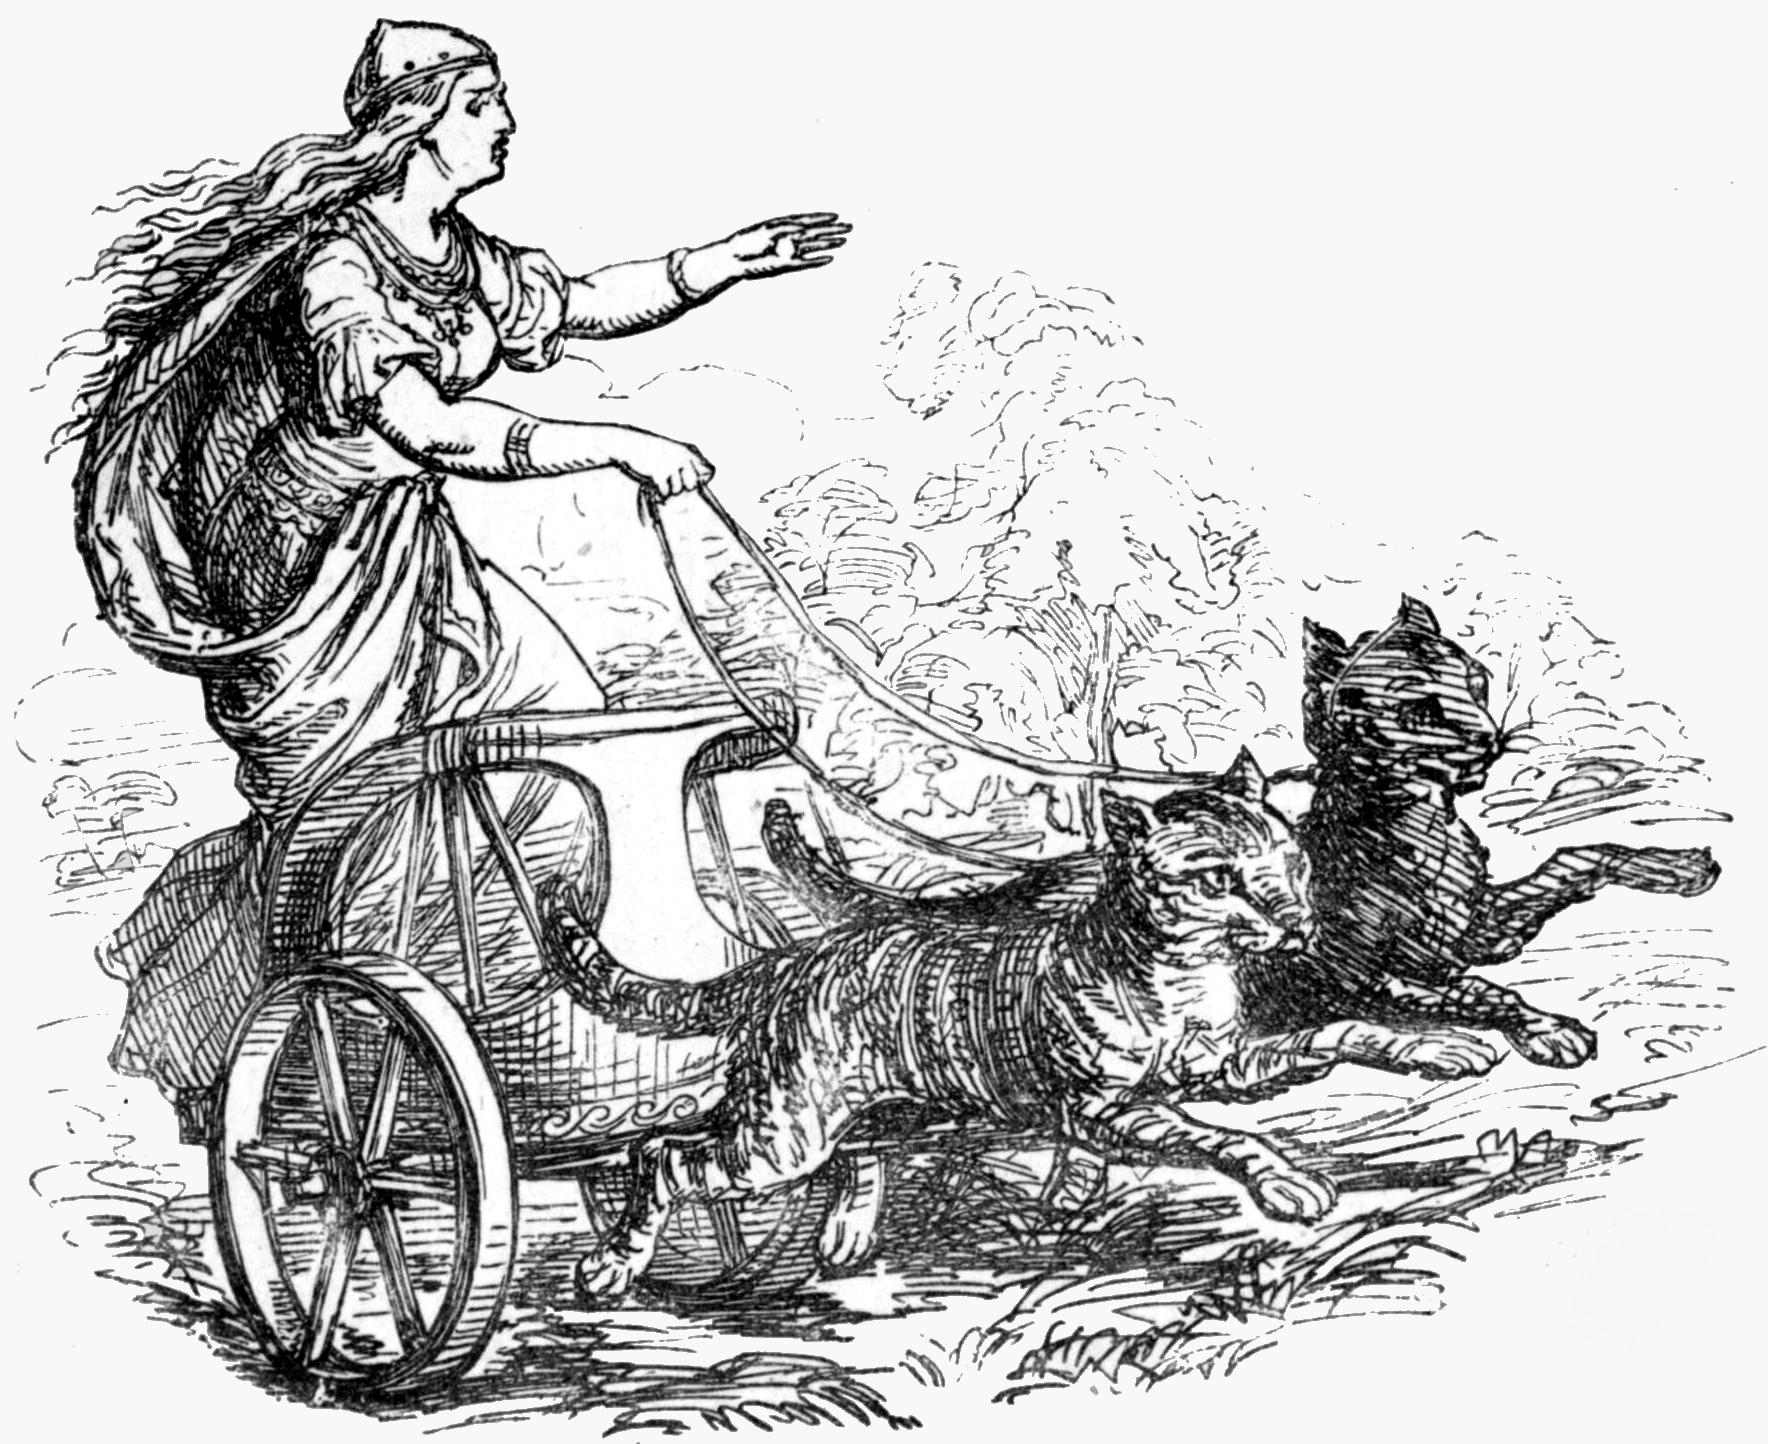 Nữ thần Freyja trong cỗ xe mèo kéo (1865) - tranh của Ludwig Pietsch